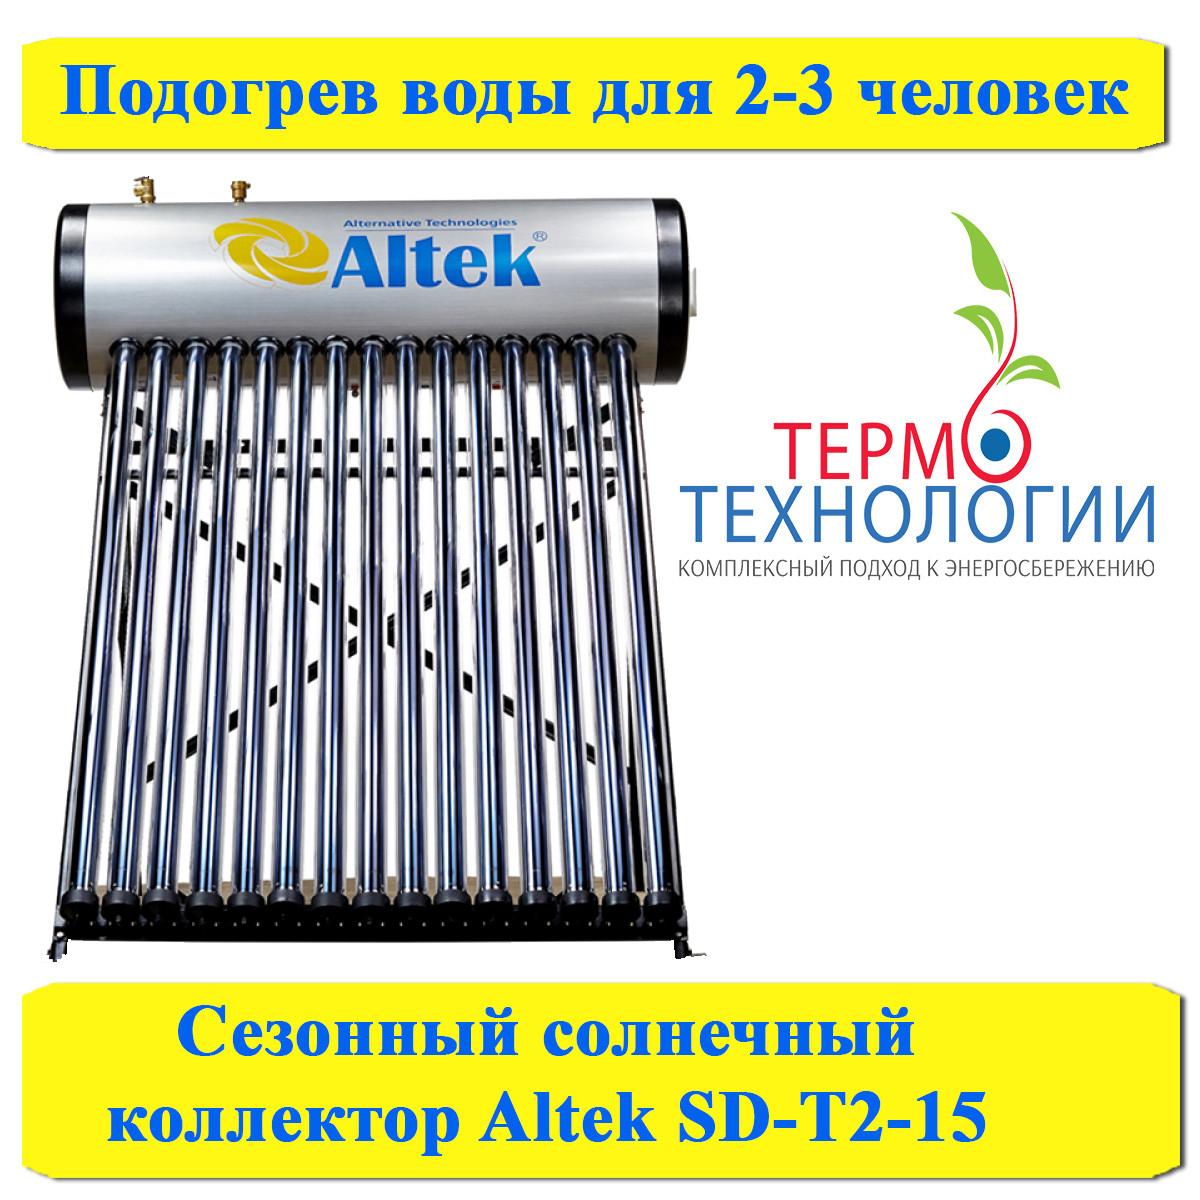 Сезонный солнечный коллектор Altek SD-T2-15 ГВС на 2-3 человека